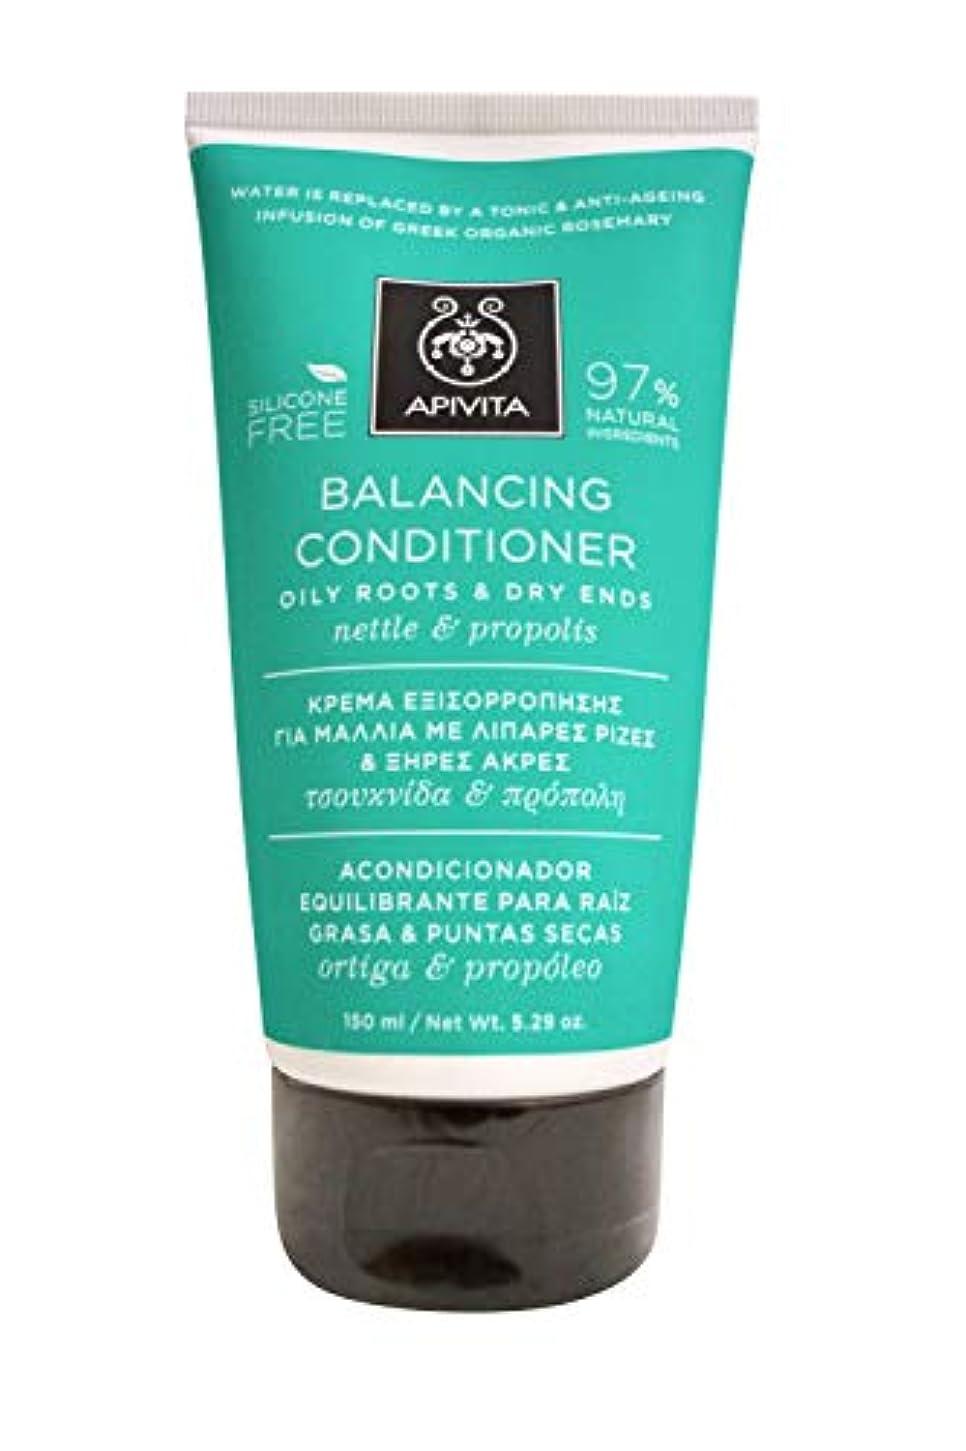 荒野護衛ジェスチャーアピヴィータ Balancing Conditioner with Nettle & Propolis (Oily Roots & Dry Ends) 150ml [並行輸入品]